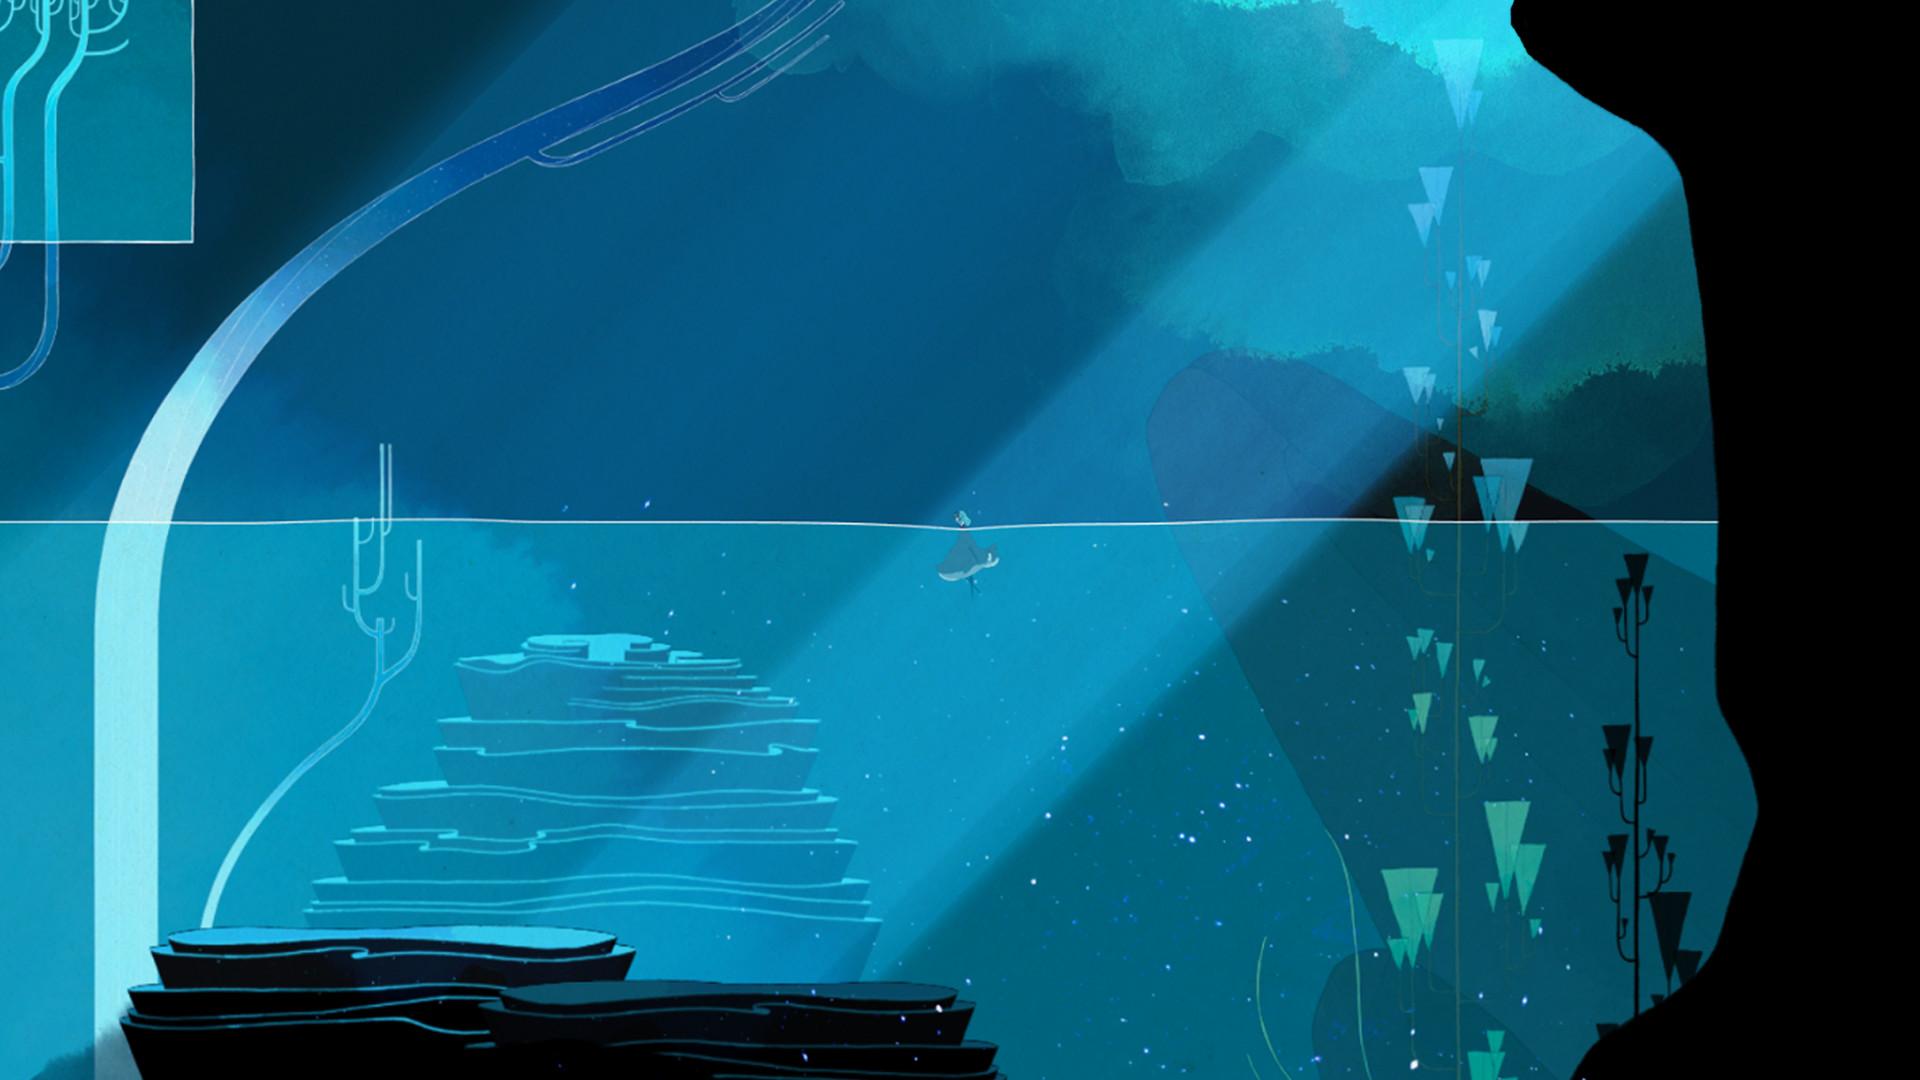 唯美风横版冒险《Gris》8月22日登陆iOS平台图片4